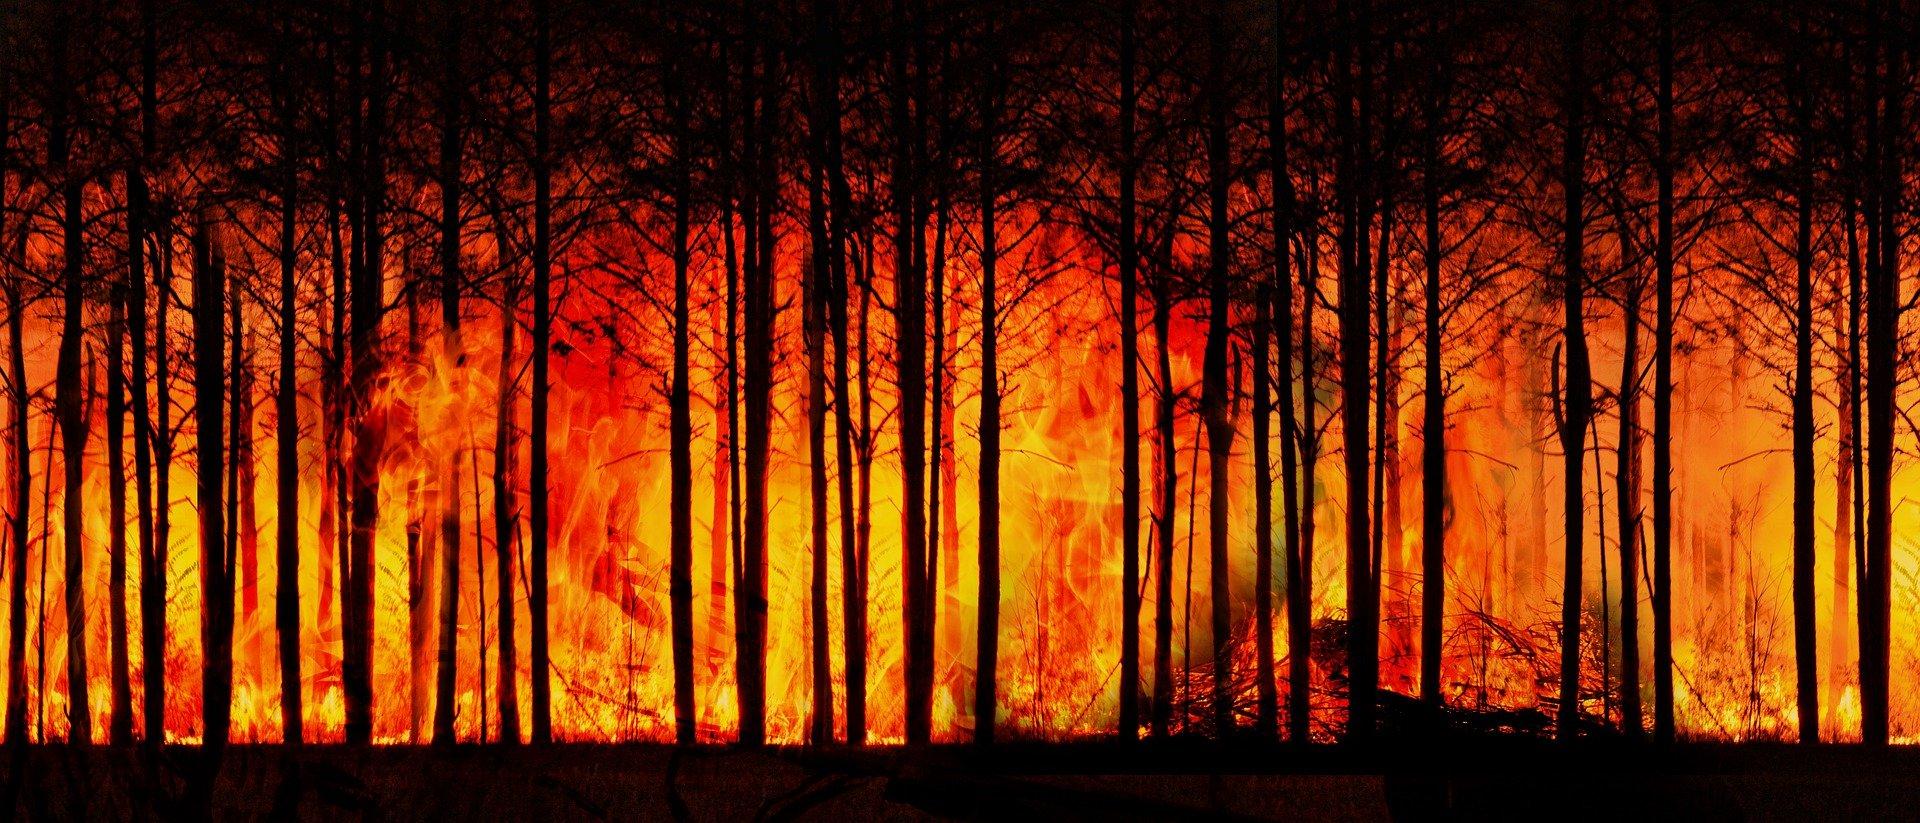 ΟΗΕ: Η άνοδος της θερμοκρασίας στον πλανήτη επιταχύνεται